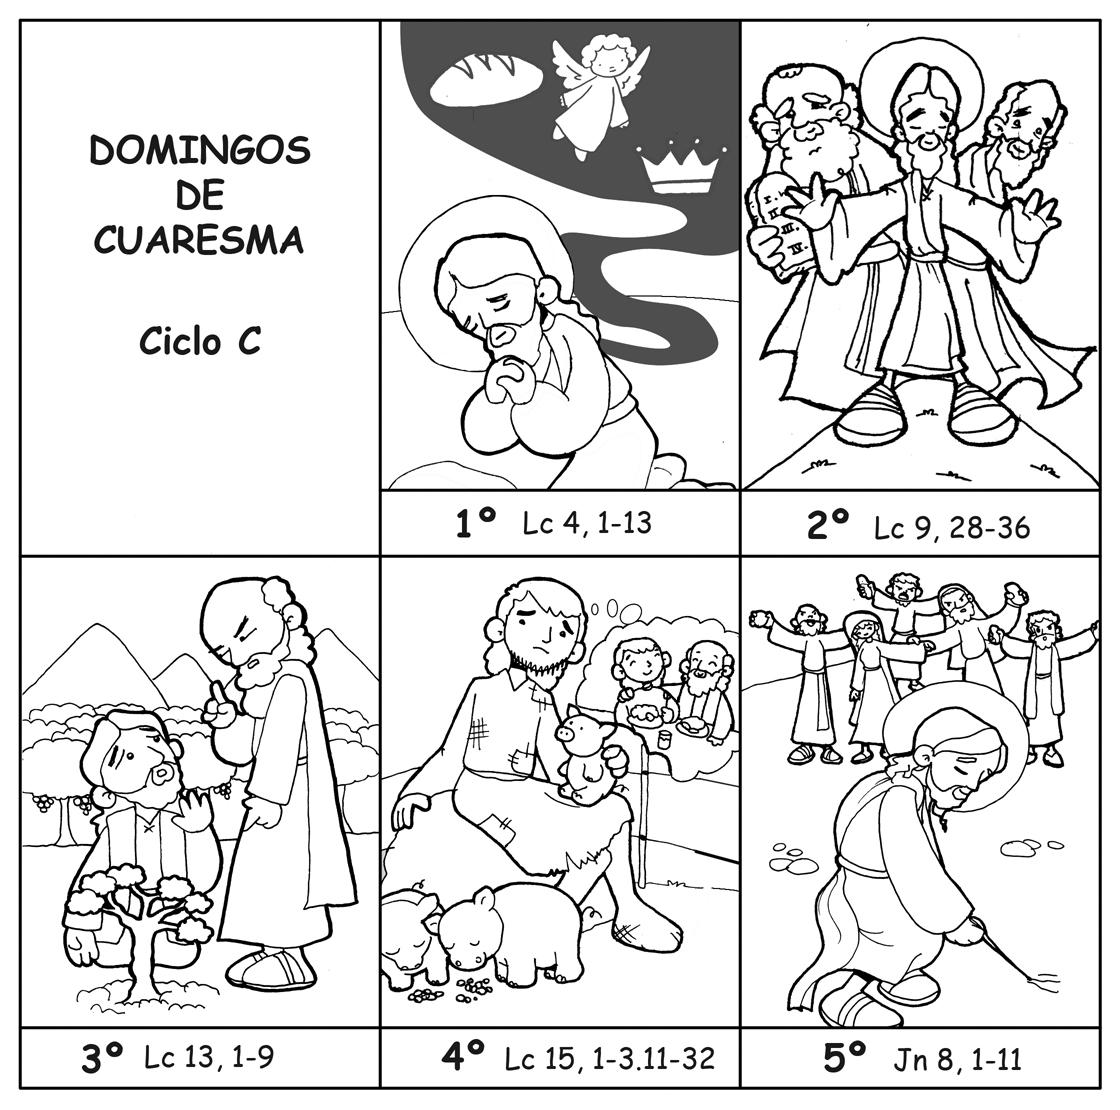 Dibujos Para Catequesis Domingos De Cuaresma Ciclo C